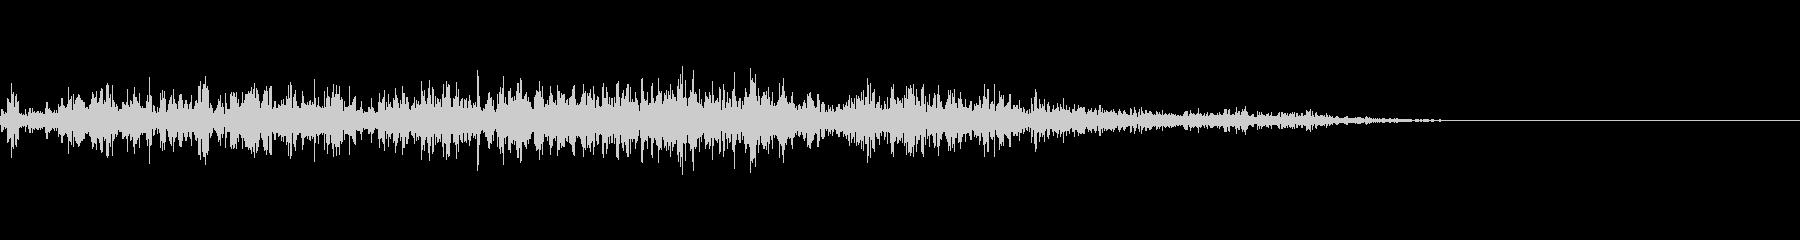 カミナリ(遠雷)-02の未再生の波形